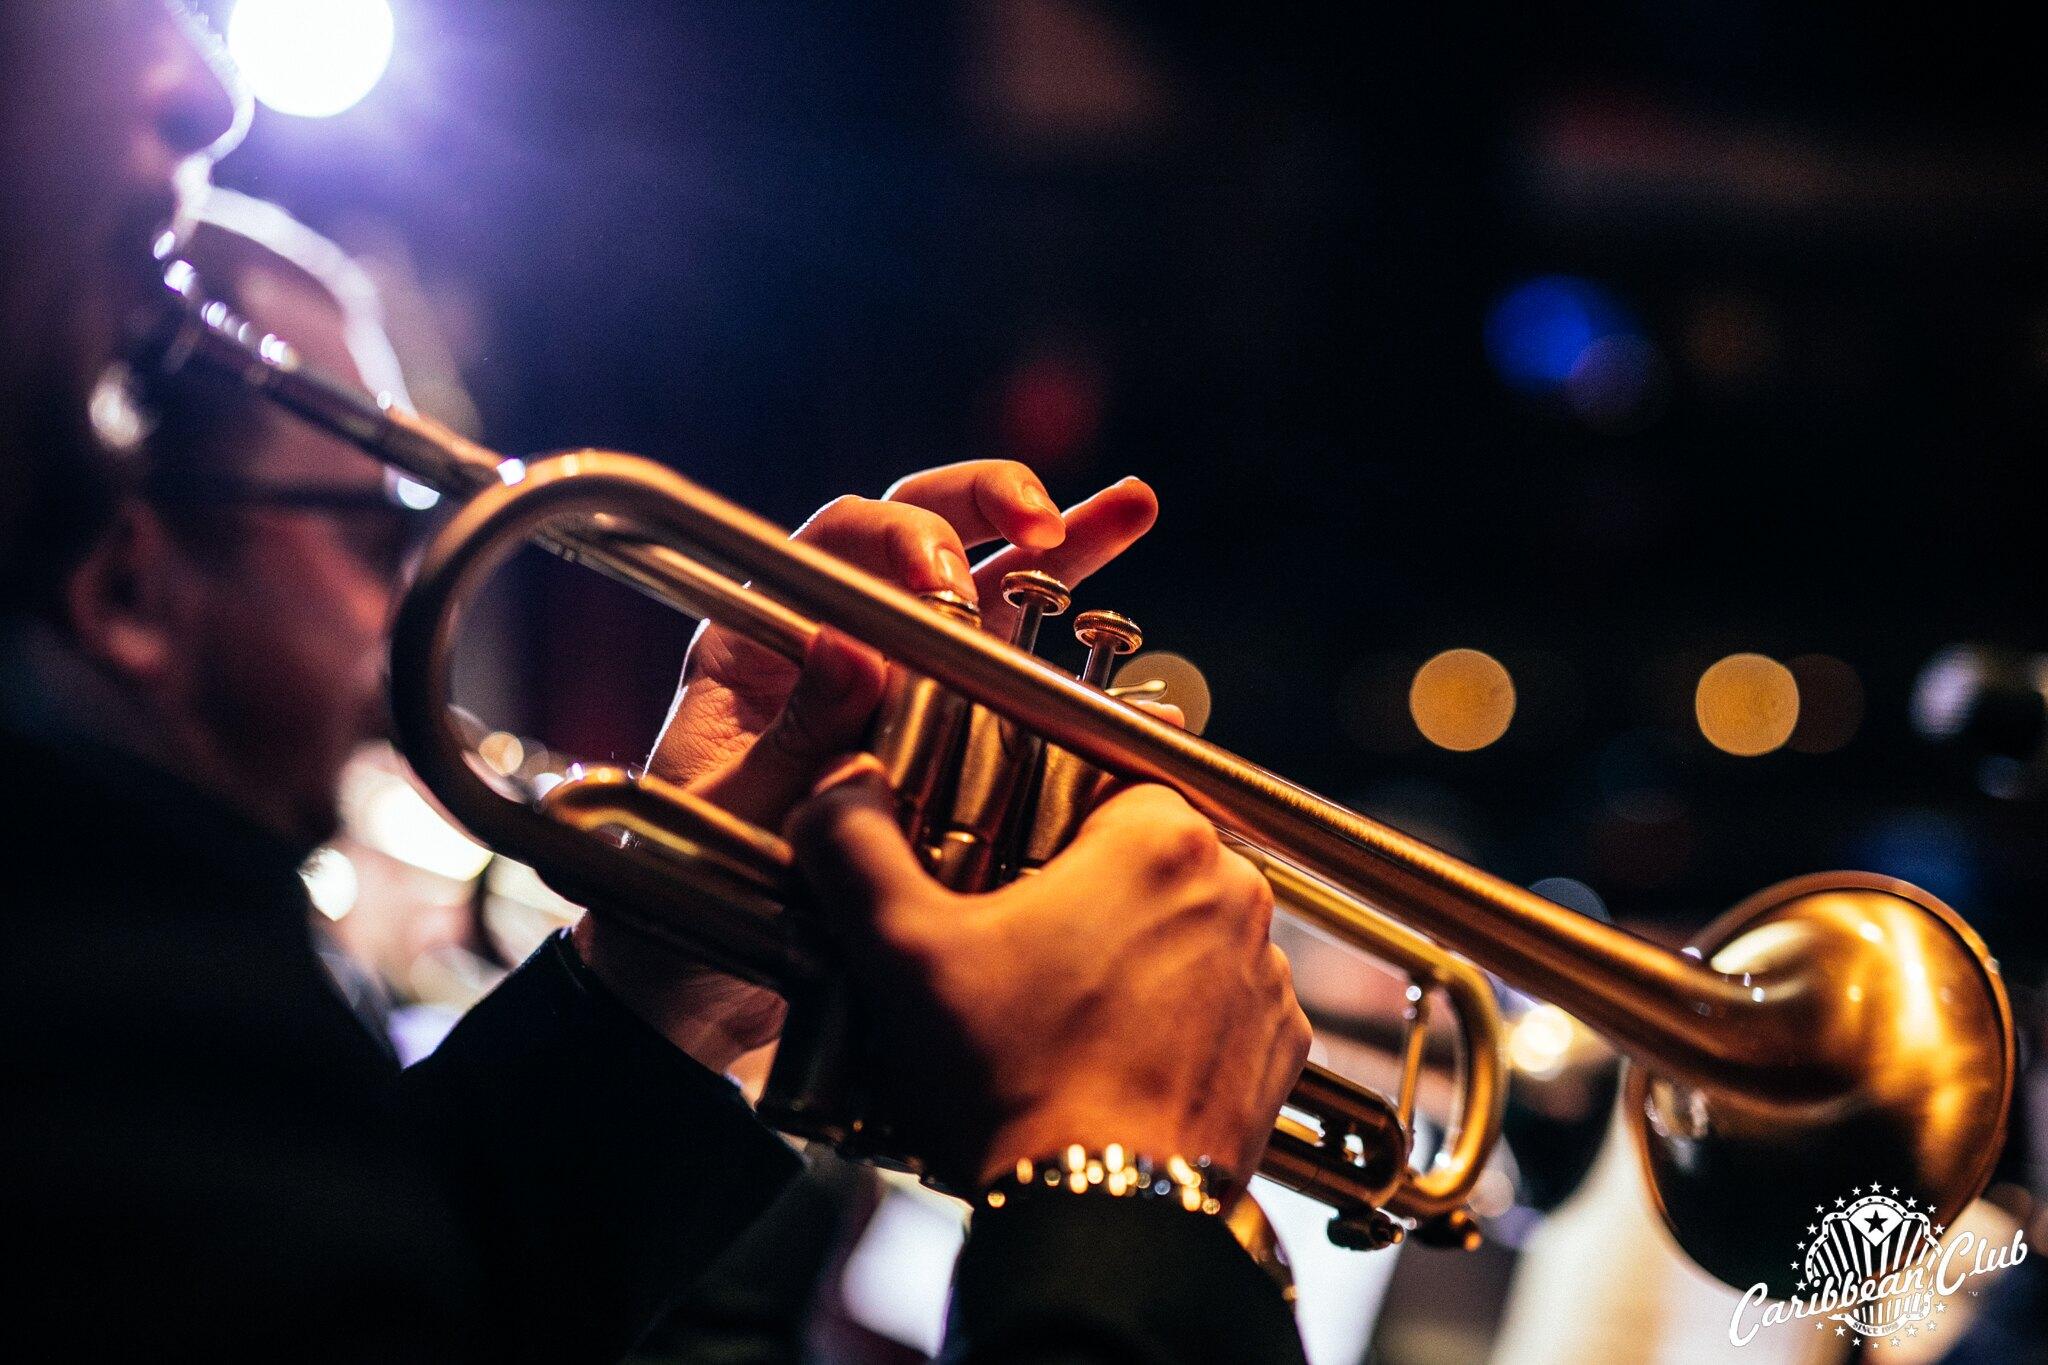 Для ценителей: джазовые концерты июля в Caribbean Club Concert Hall